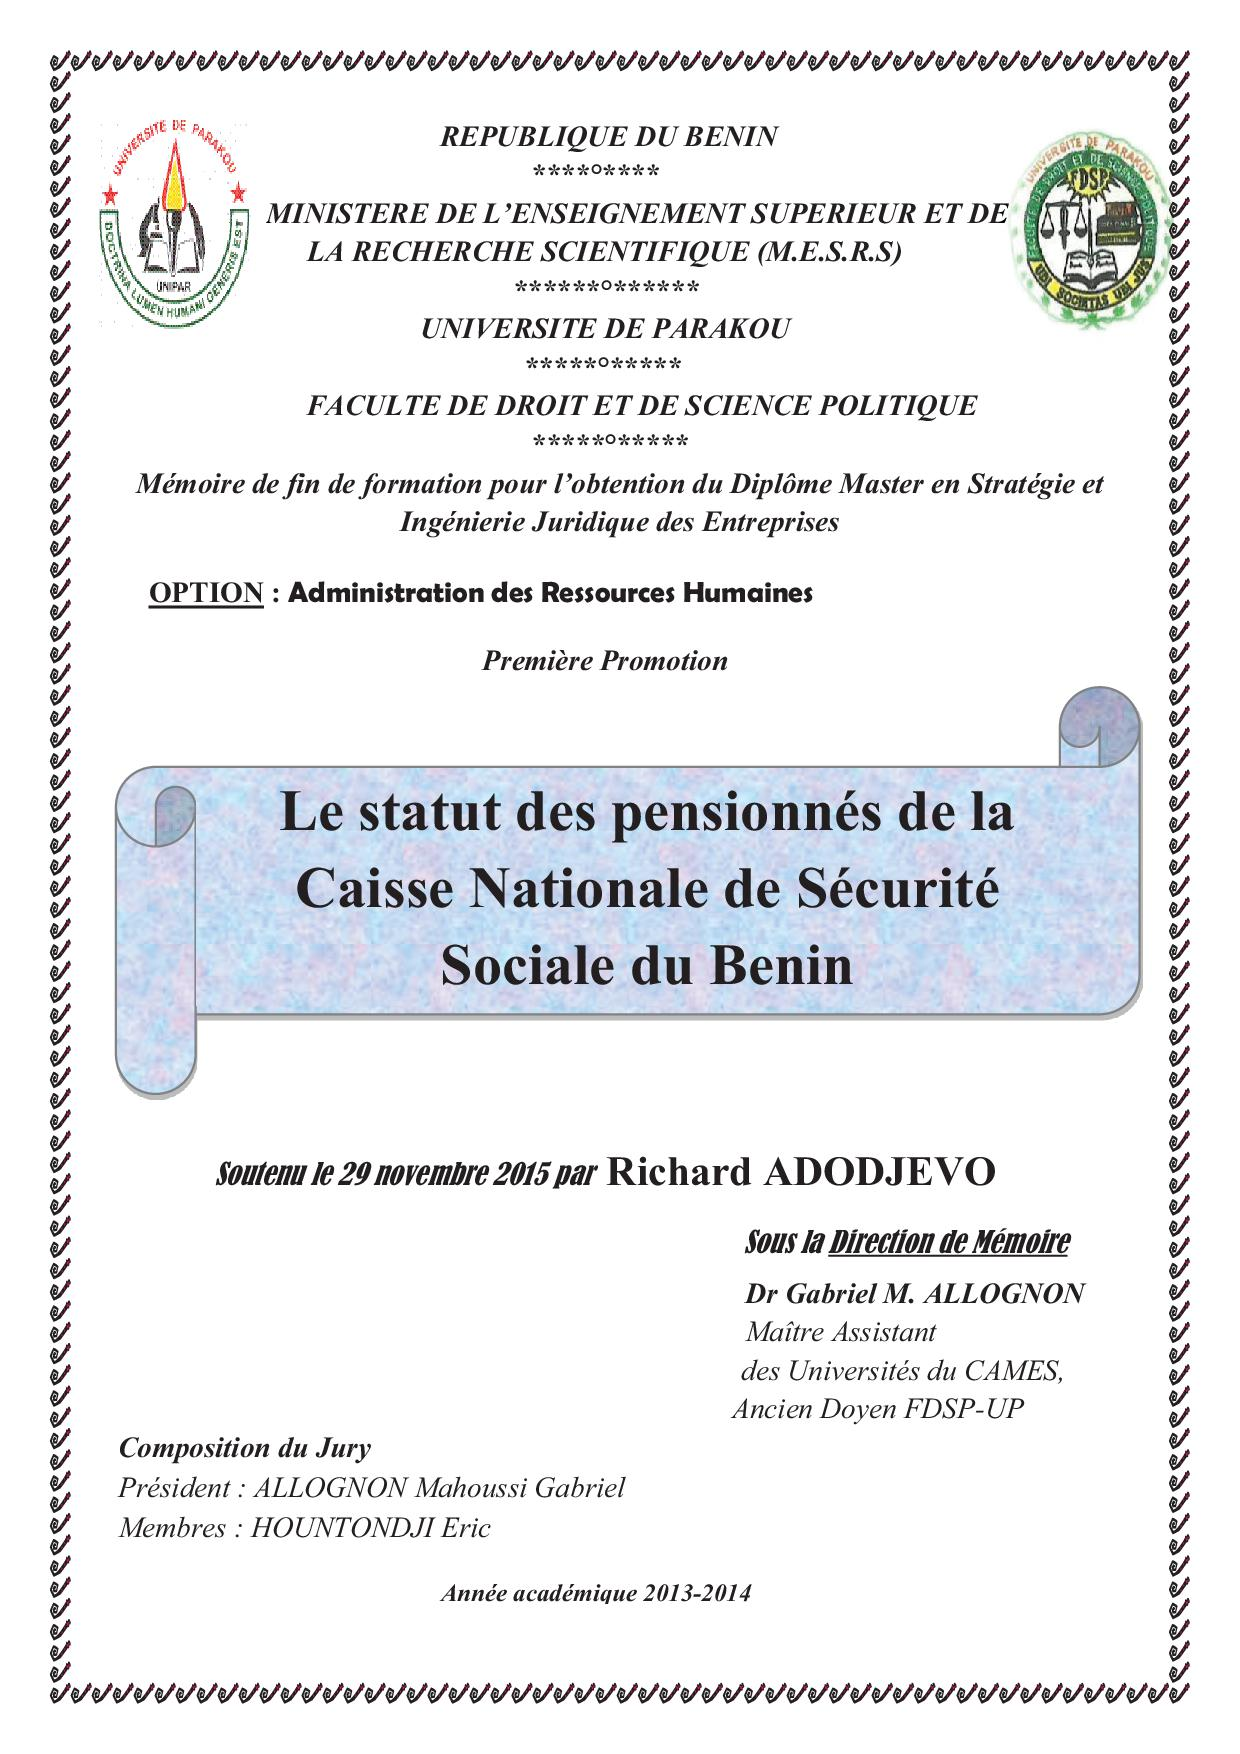 Le Statut Des Pensionnes De La Caisse Nationale De Securite Sociale